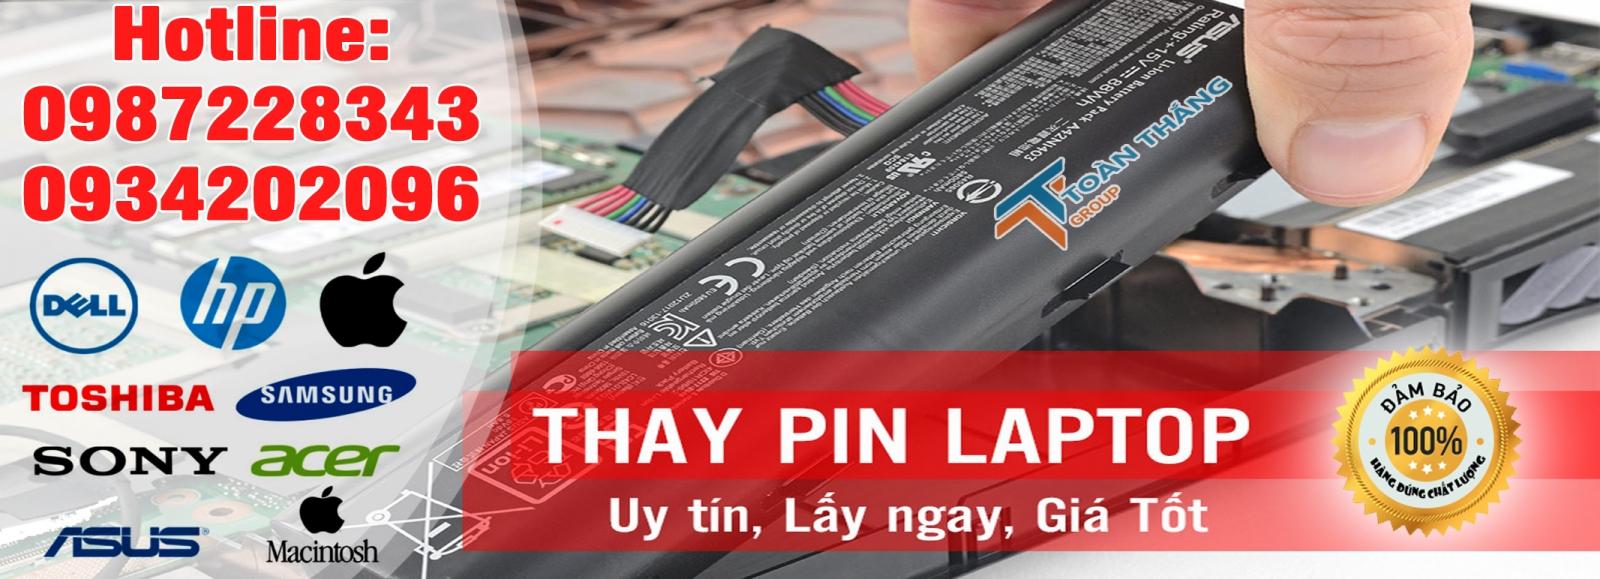 Công Ty Dịch Vụ Thay Pin Laptop Tận Nơi Quận 11 Uy Tín Chính Hãng